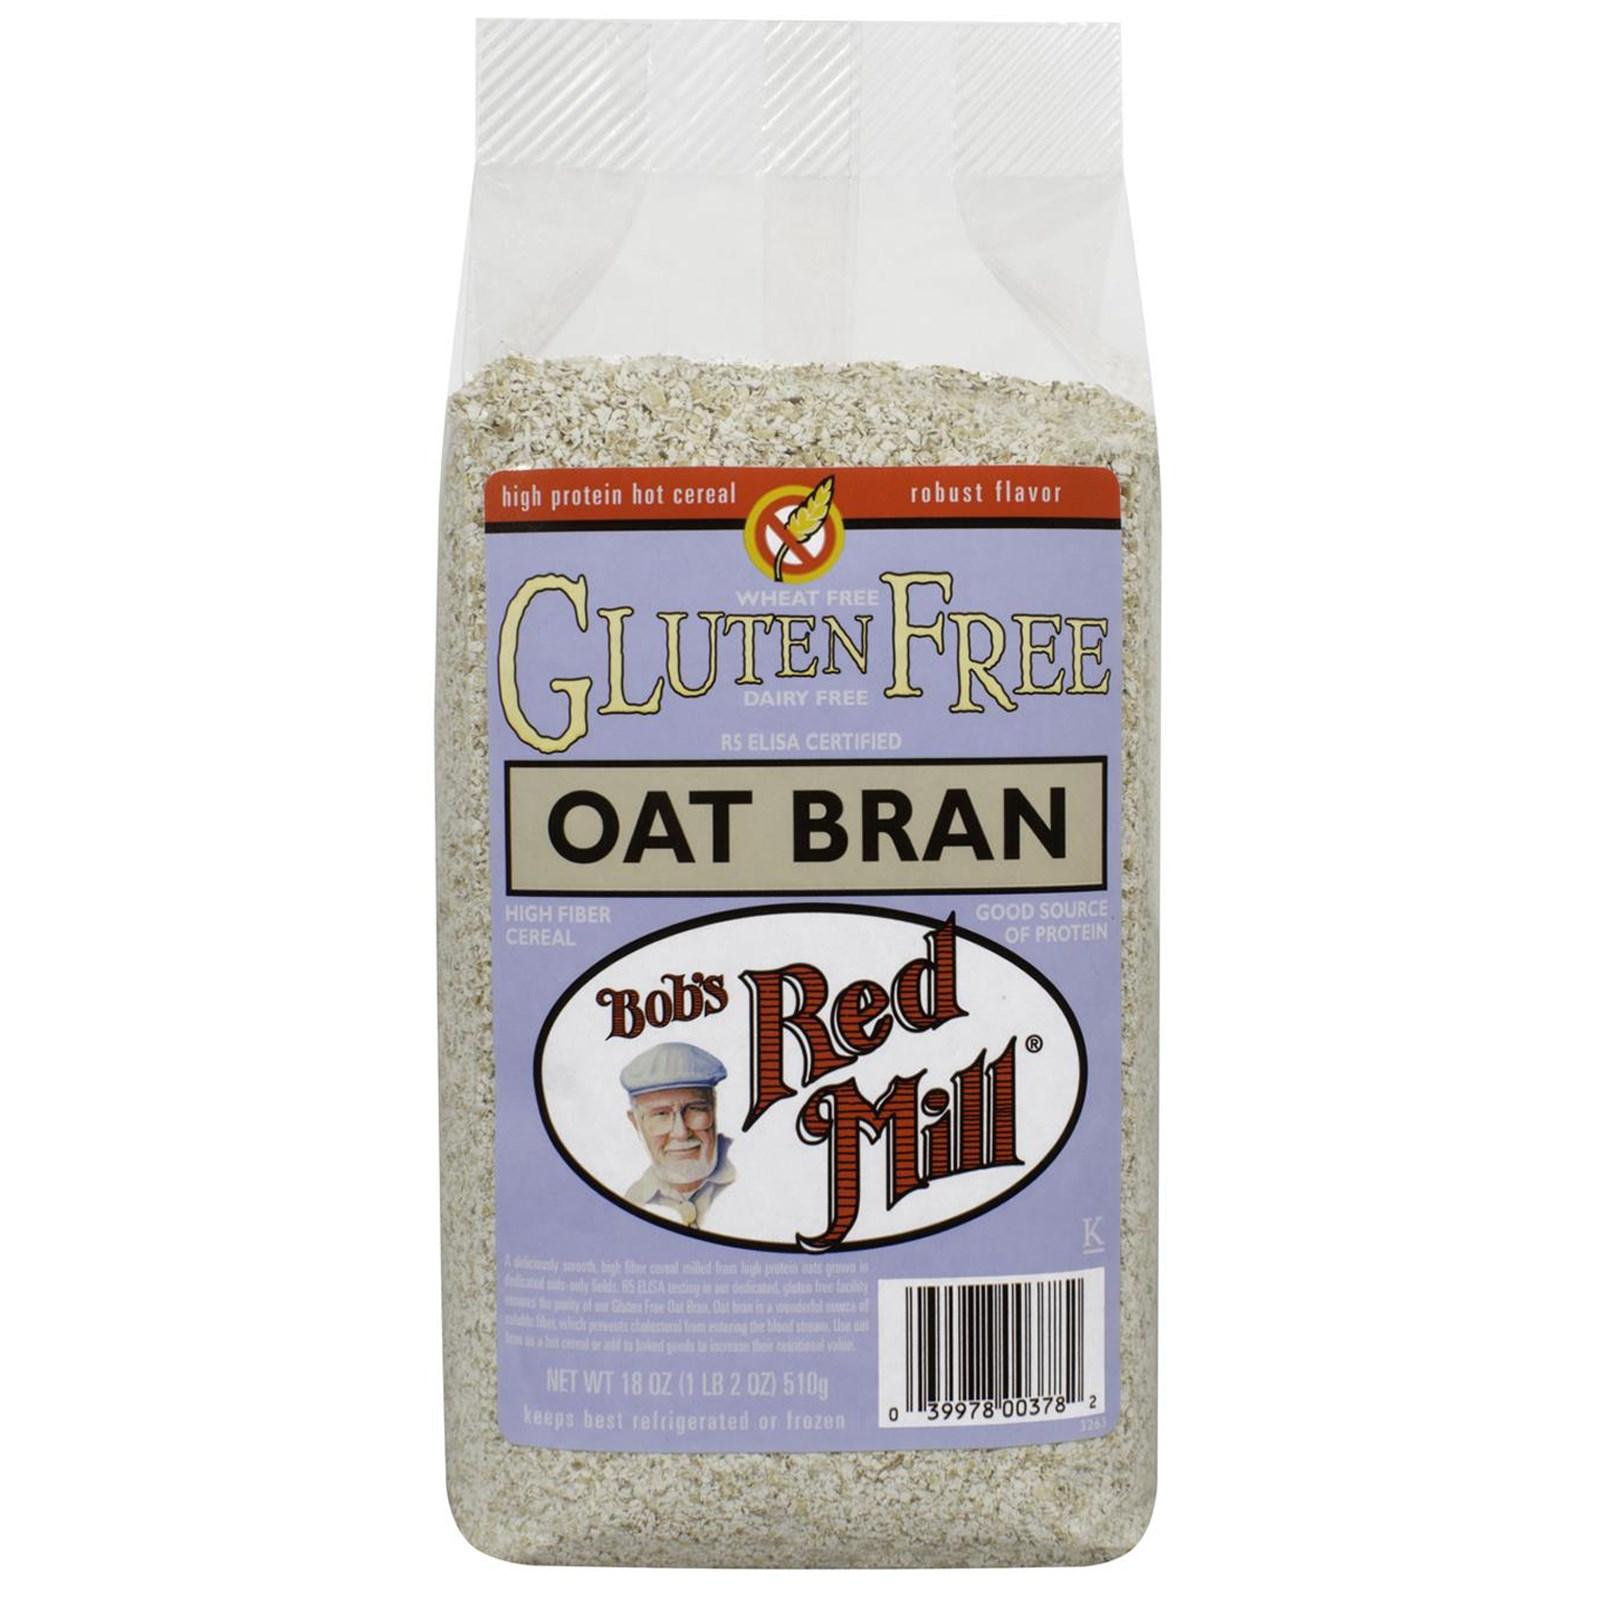 Bob's Red Mill Gluten Free Oat Bran 16 oz or 4/16oz – Mill